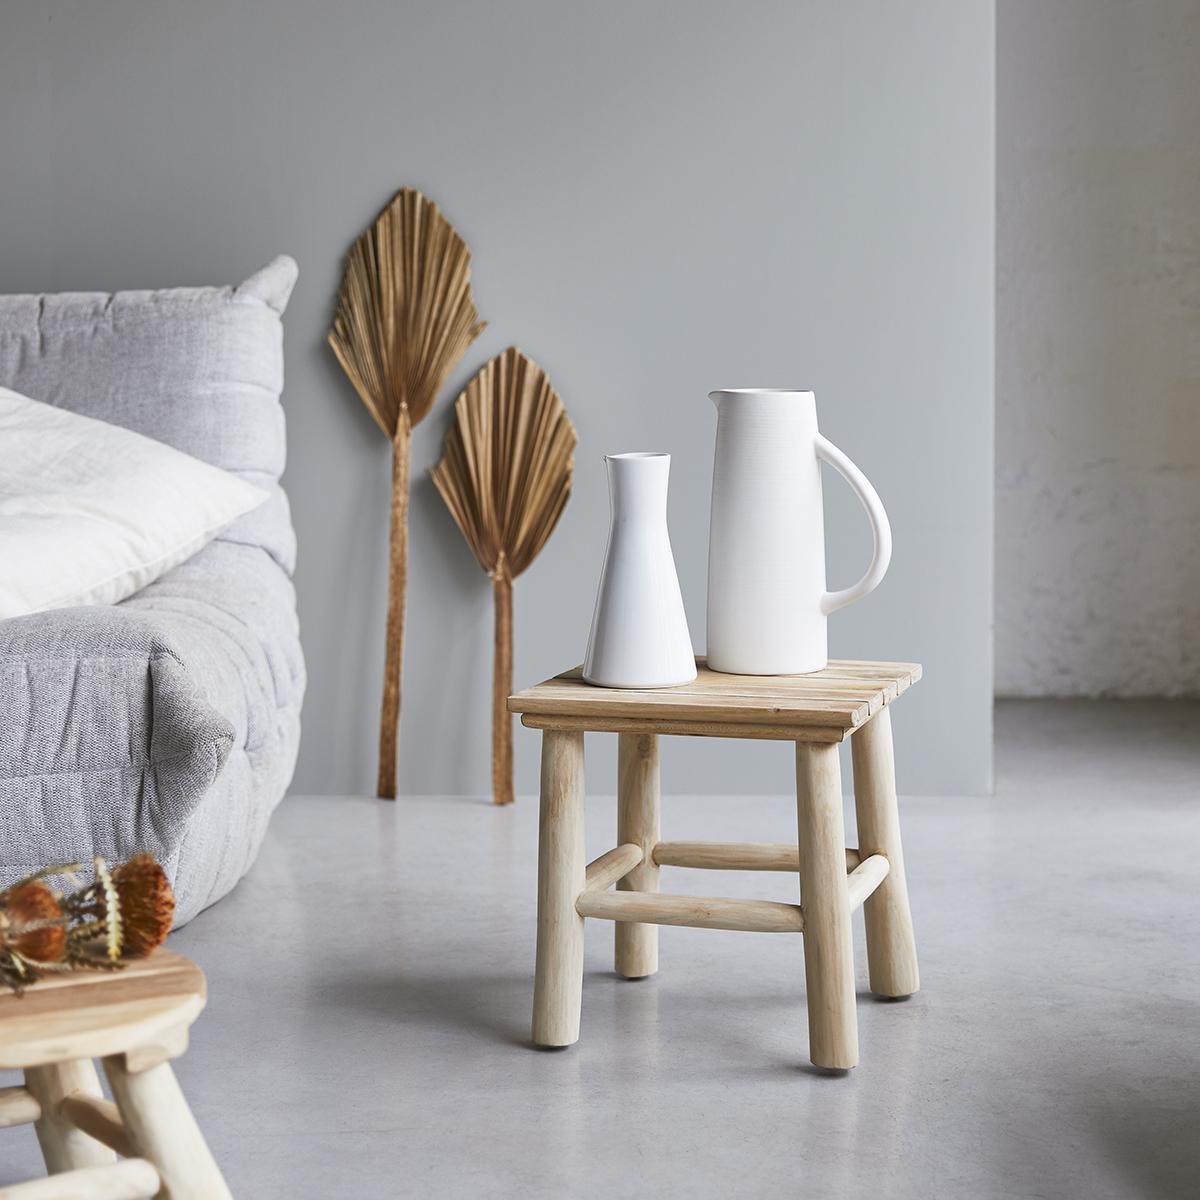 Kilim solid teak Side table